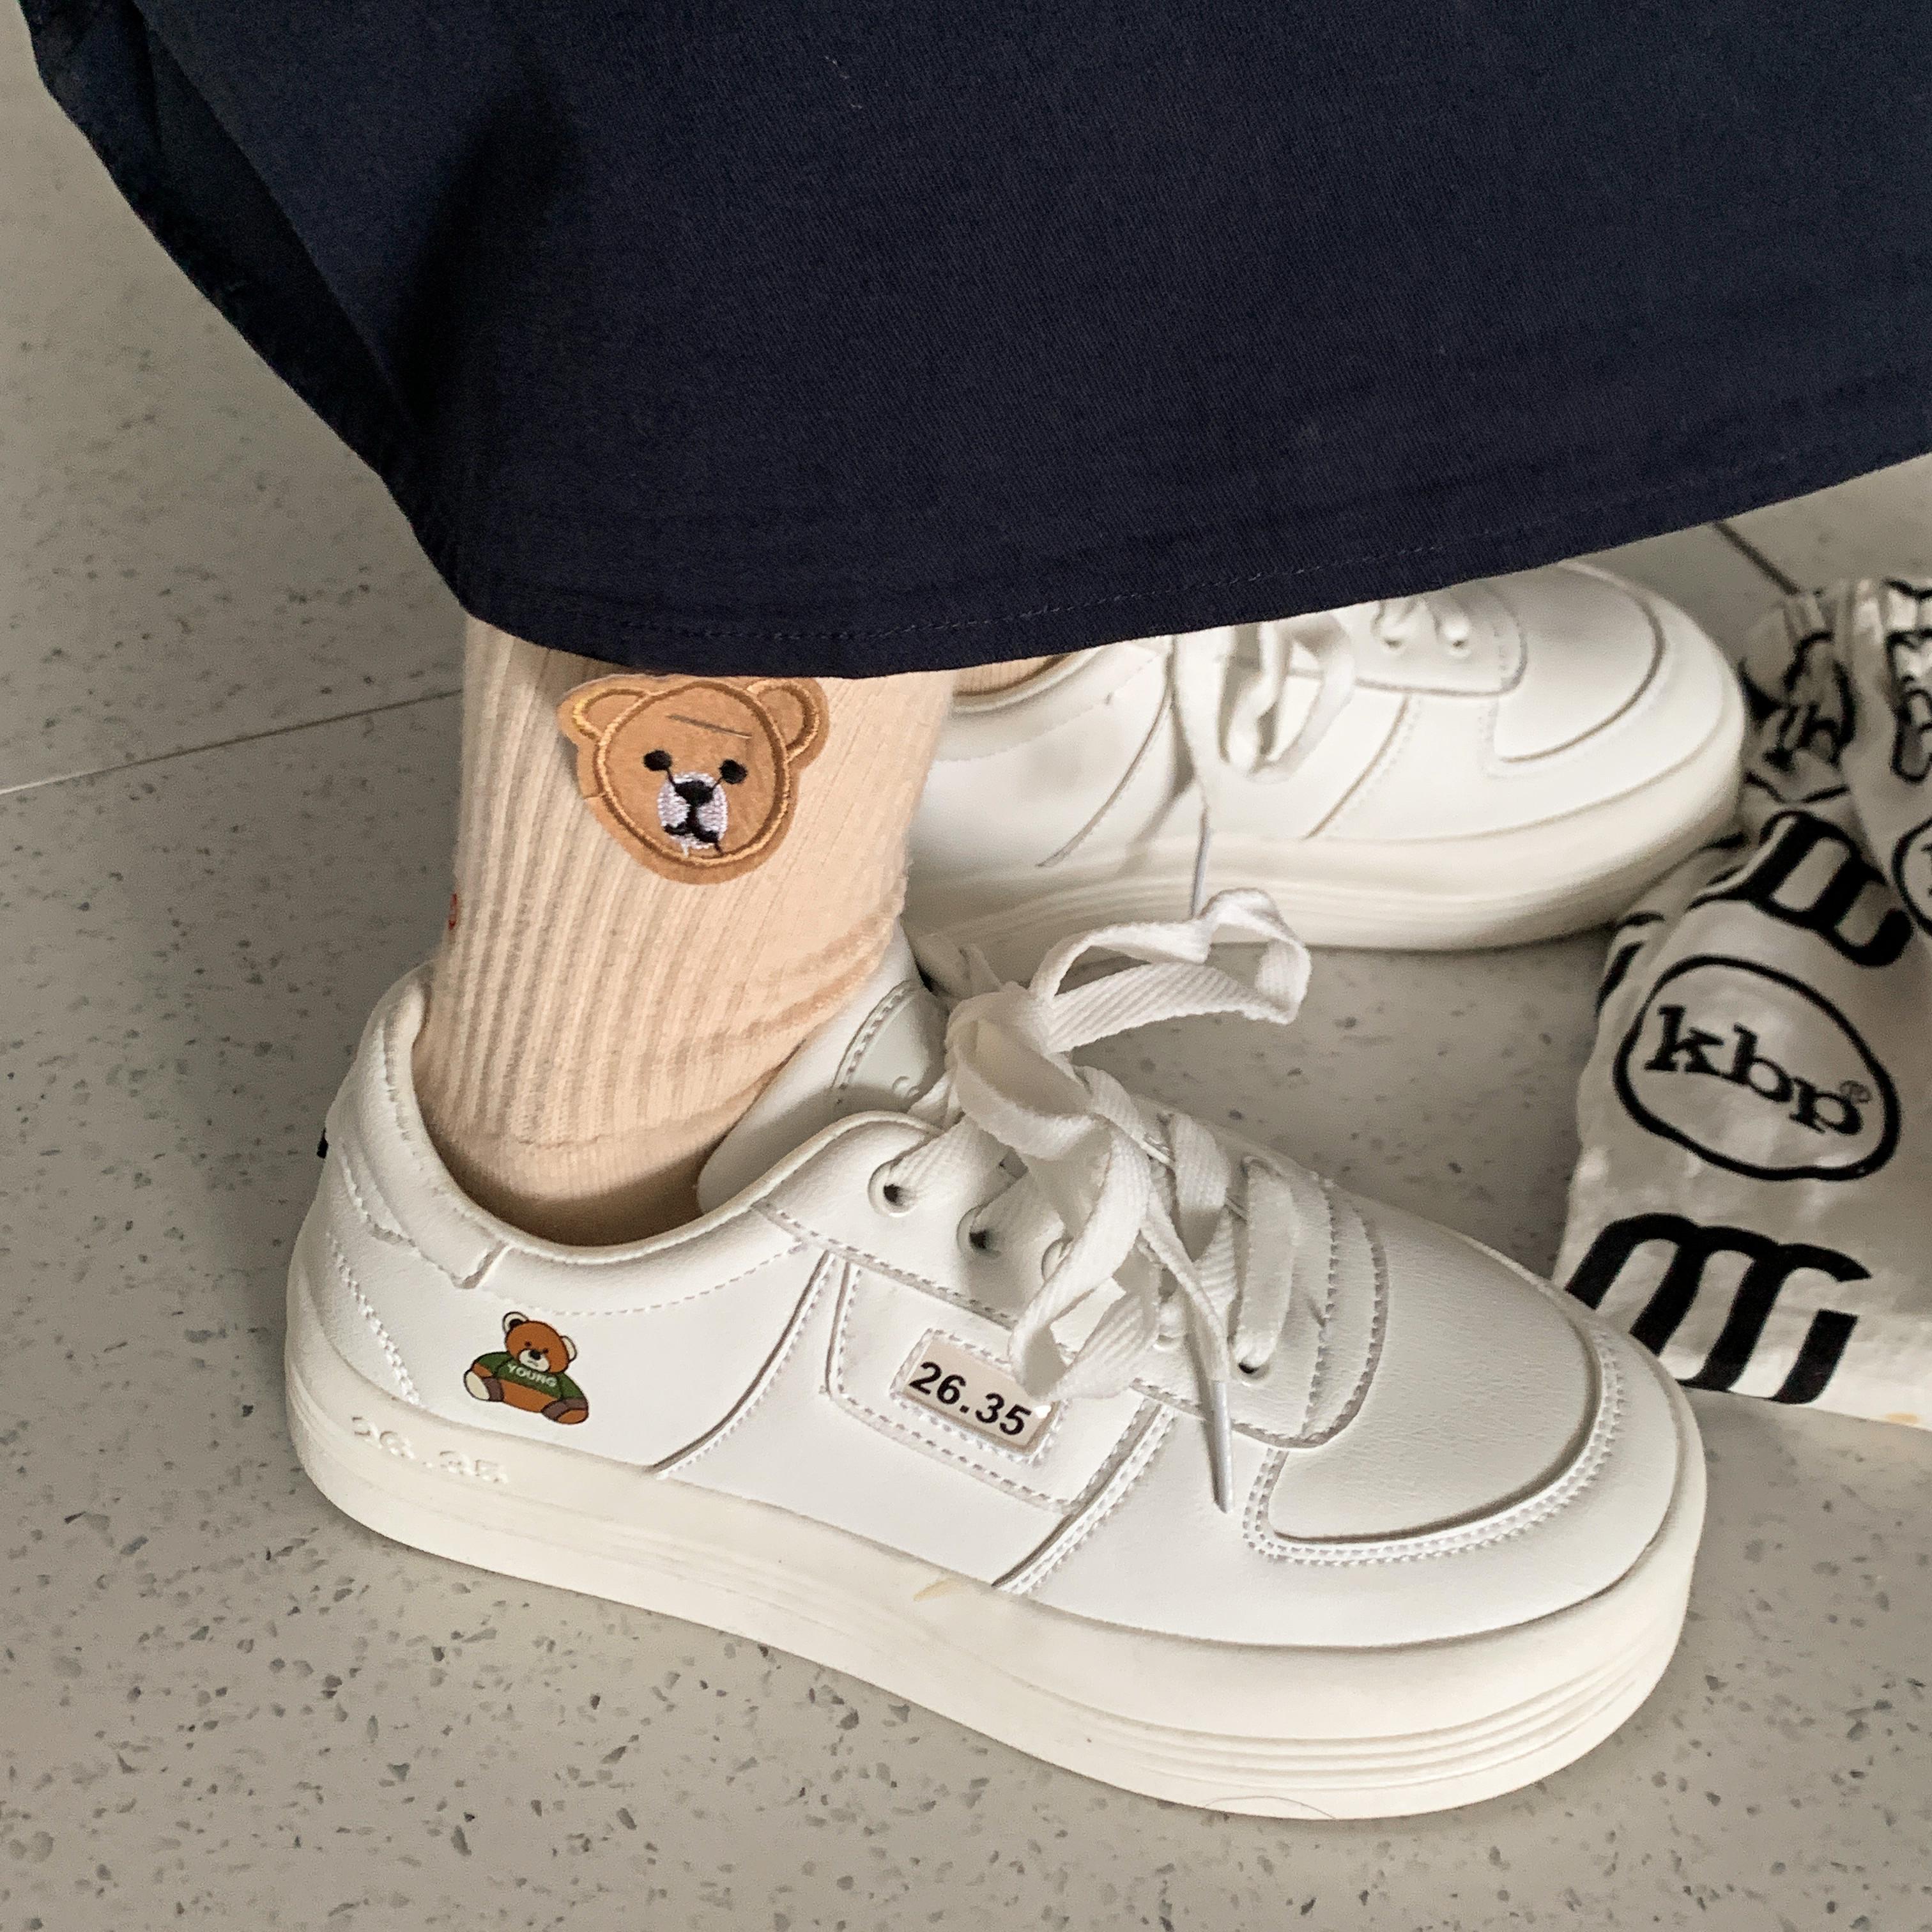 许刘芒 可爱丑萌百搭日系小白鞋帆布鞋运动鞋小熊大头娃娃厚底鞋